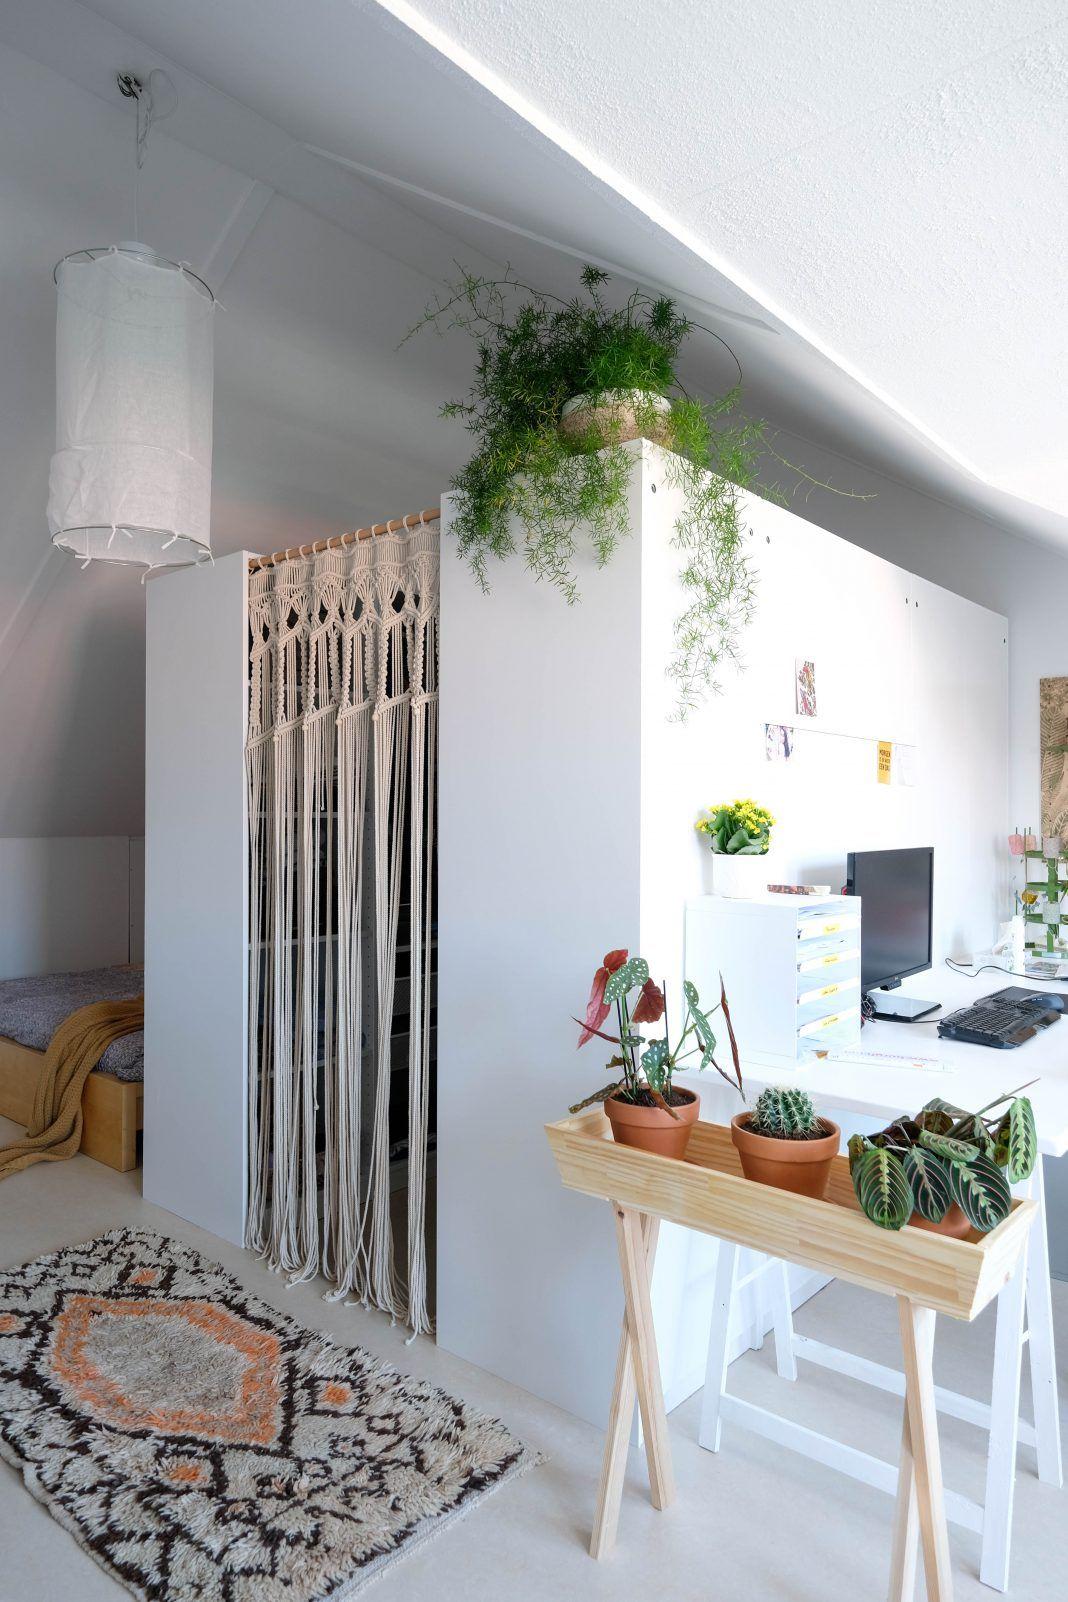 Diy Ikea Pax Inloopkast Maken Zolder Ikea Hack Bedroom Ikea